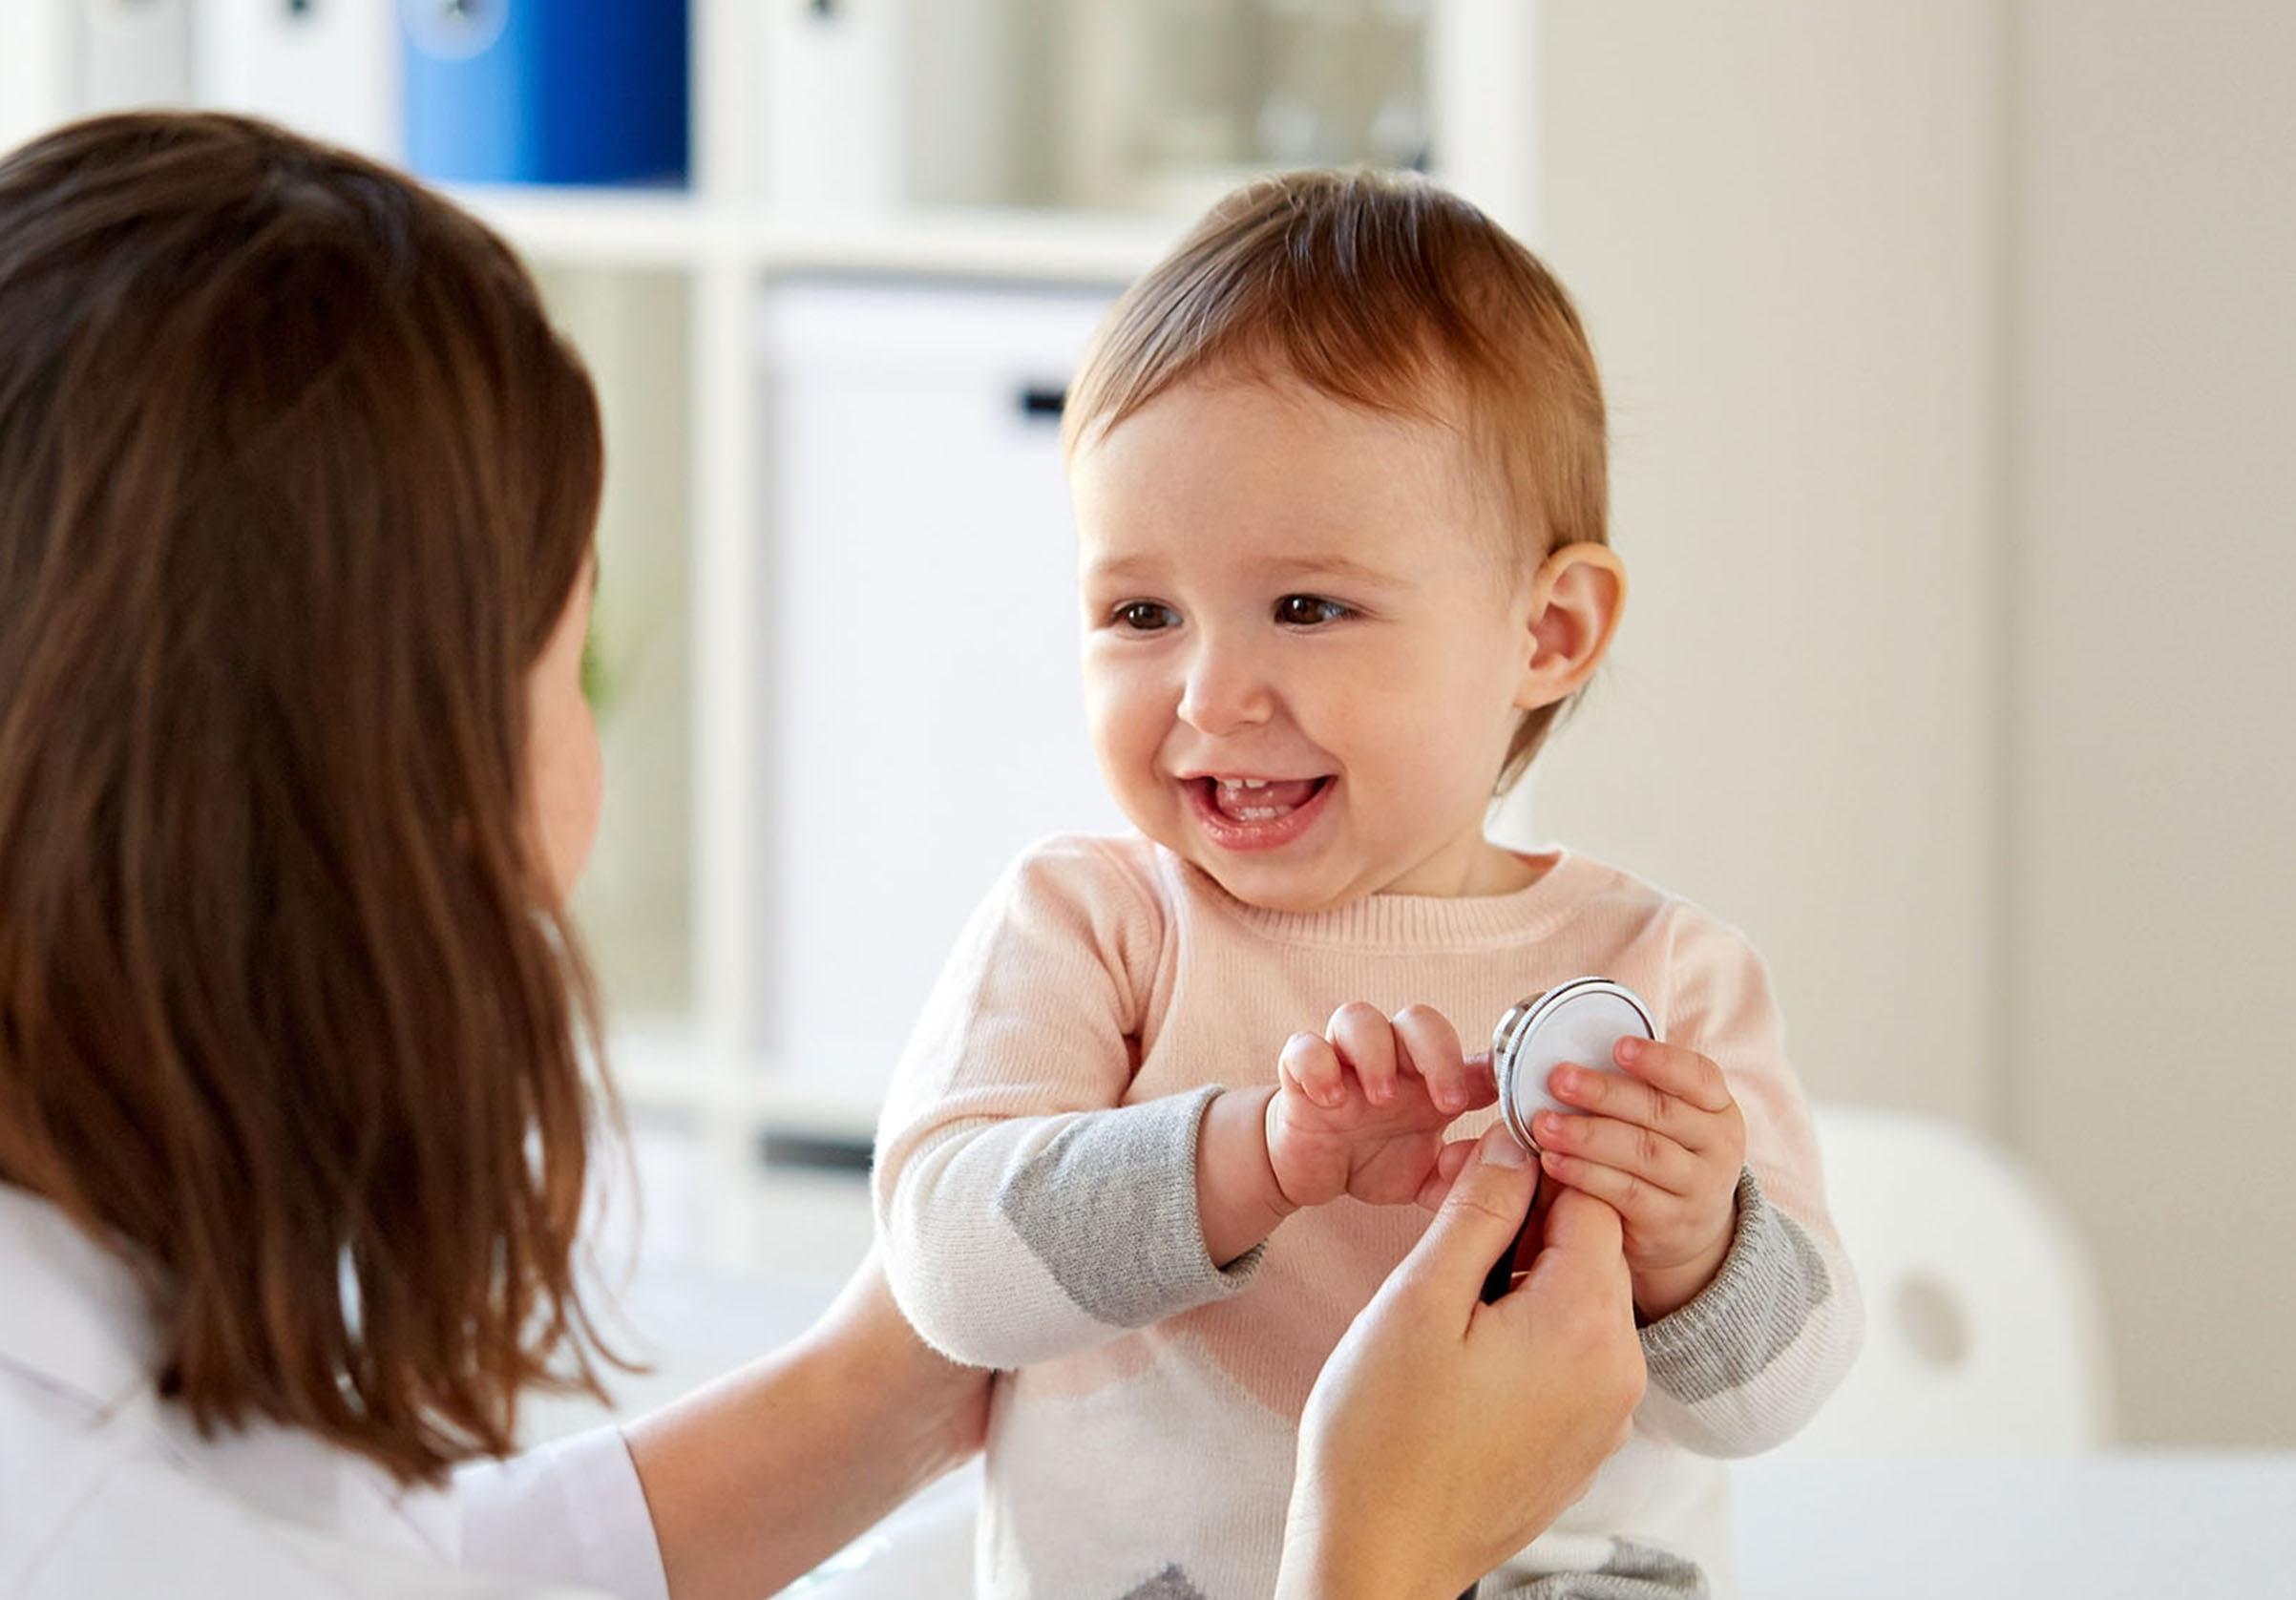 Cabinet de pédiatrie, Châtel Saint-Denis, Fribourg, Suisse, pédiatres FMH, consultations générales, contrôle de développement, consultations préscolaires, scolaires et professionnelles, consultation prénatale